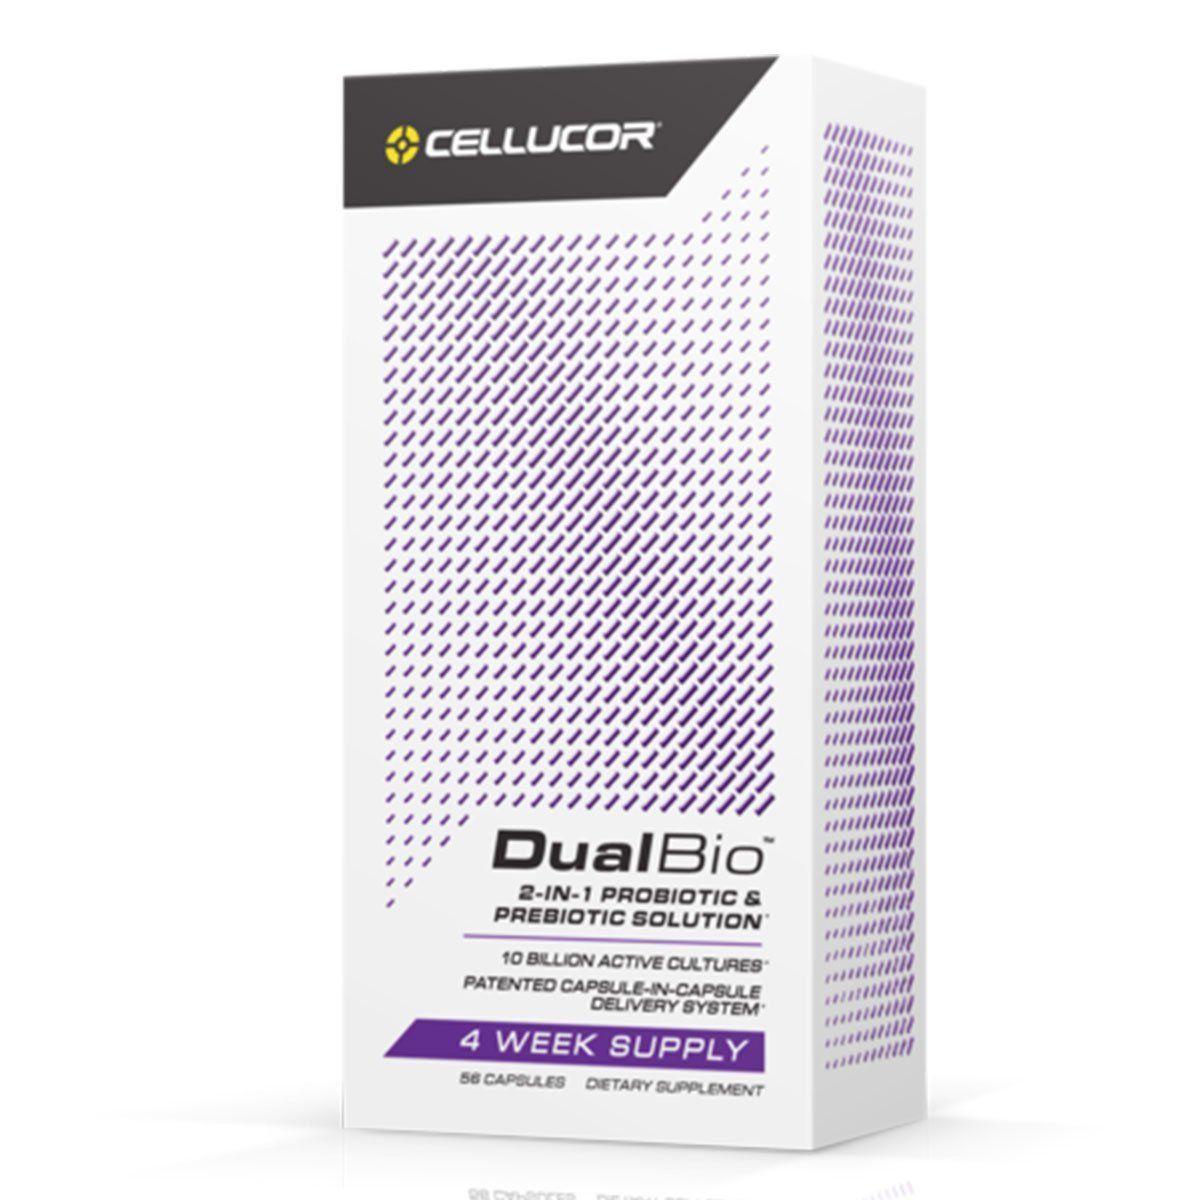 DualBio Probiótico e Prebiótico (56 Caps) - Cellucor